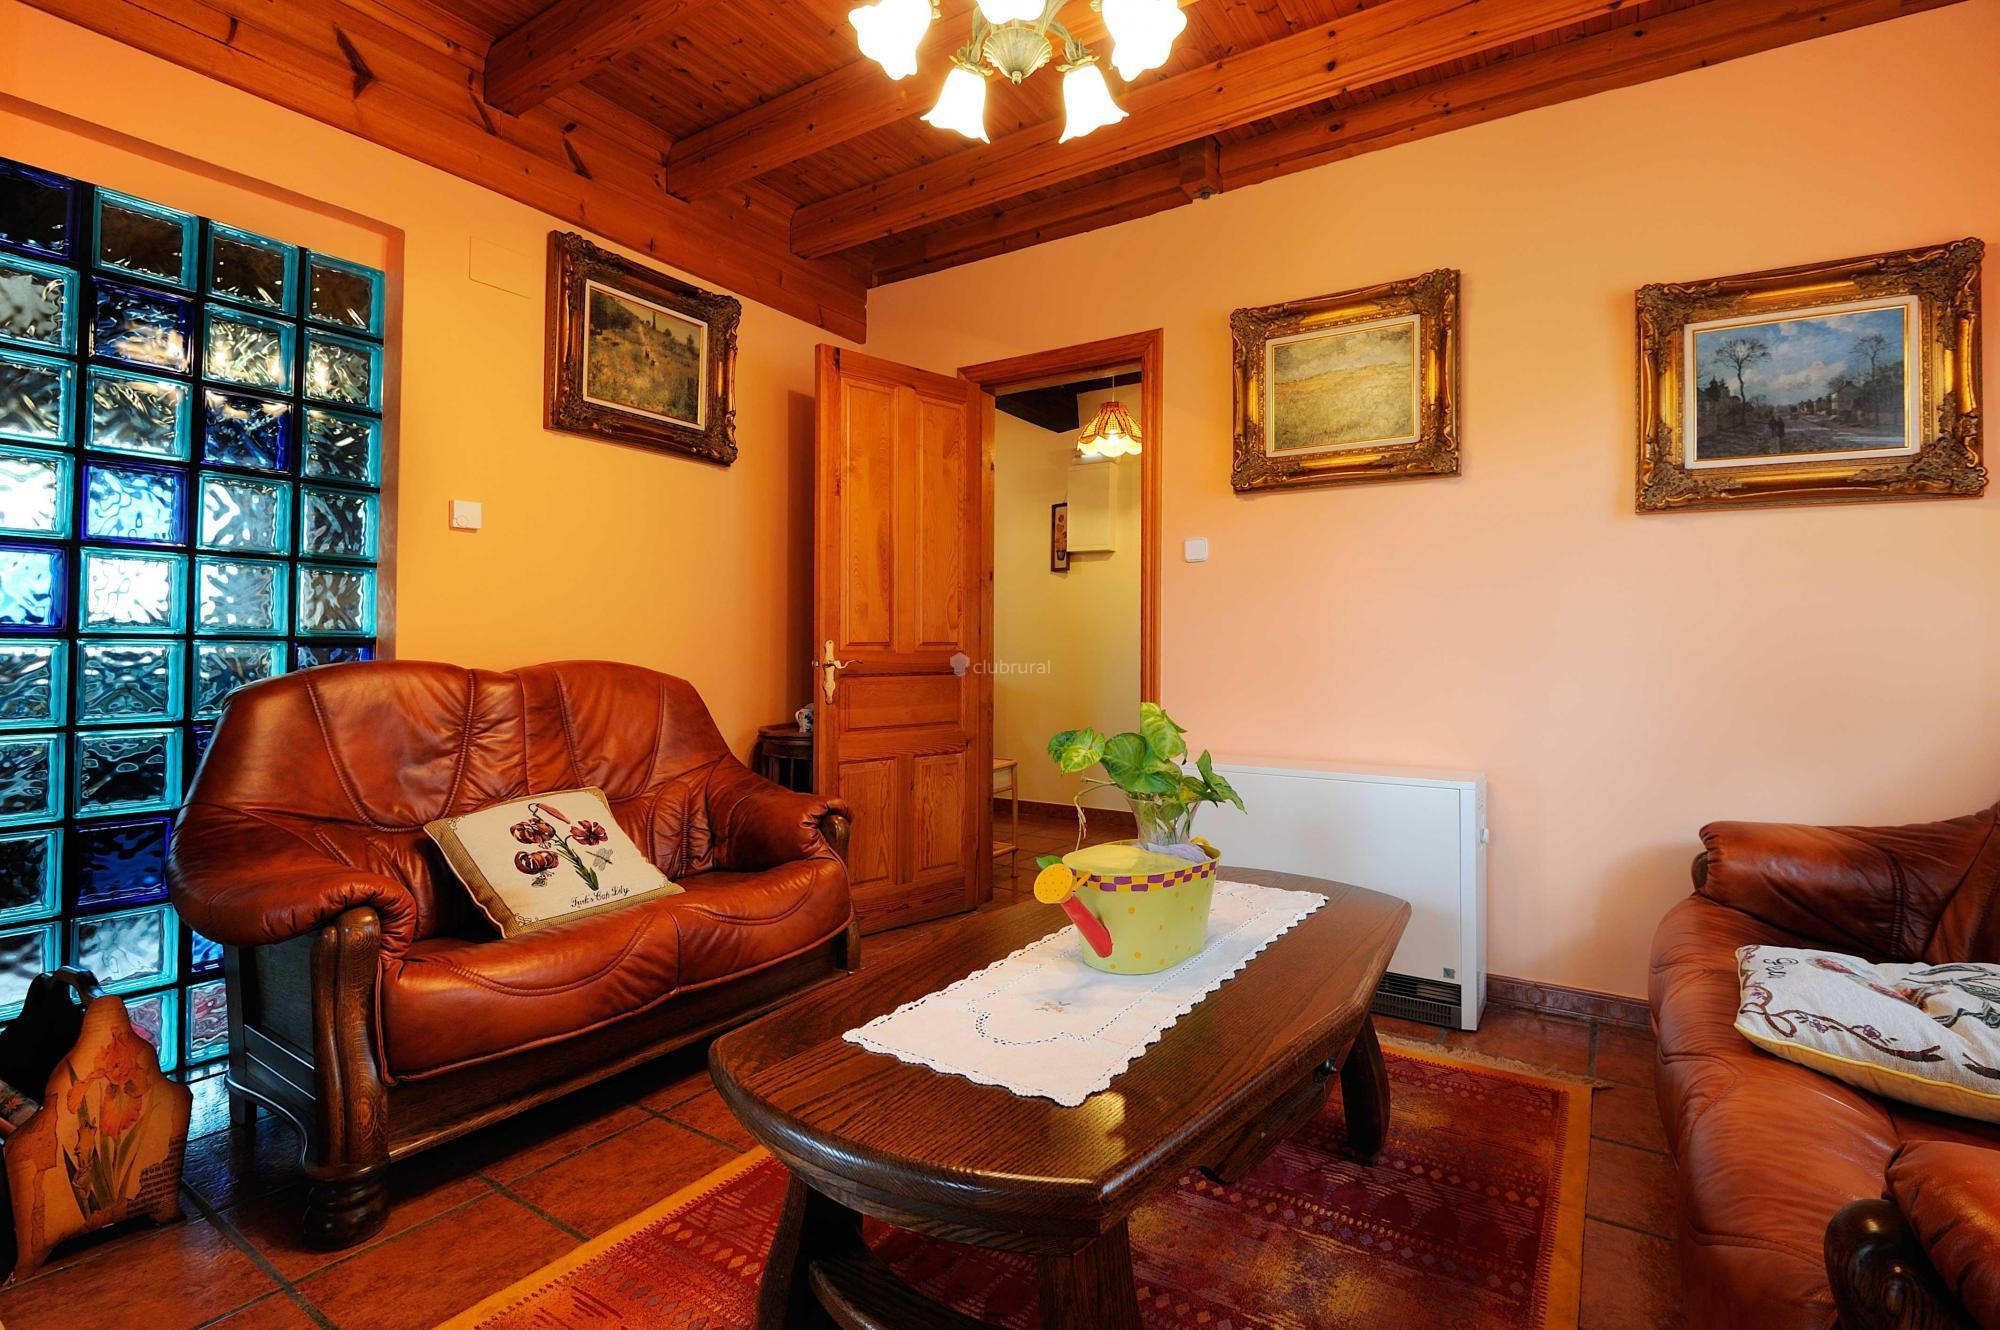 Fotos de la casa de madera vizcaya arrieta clubrural - La casa de madera valencia ...